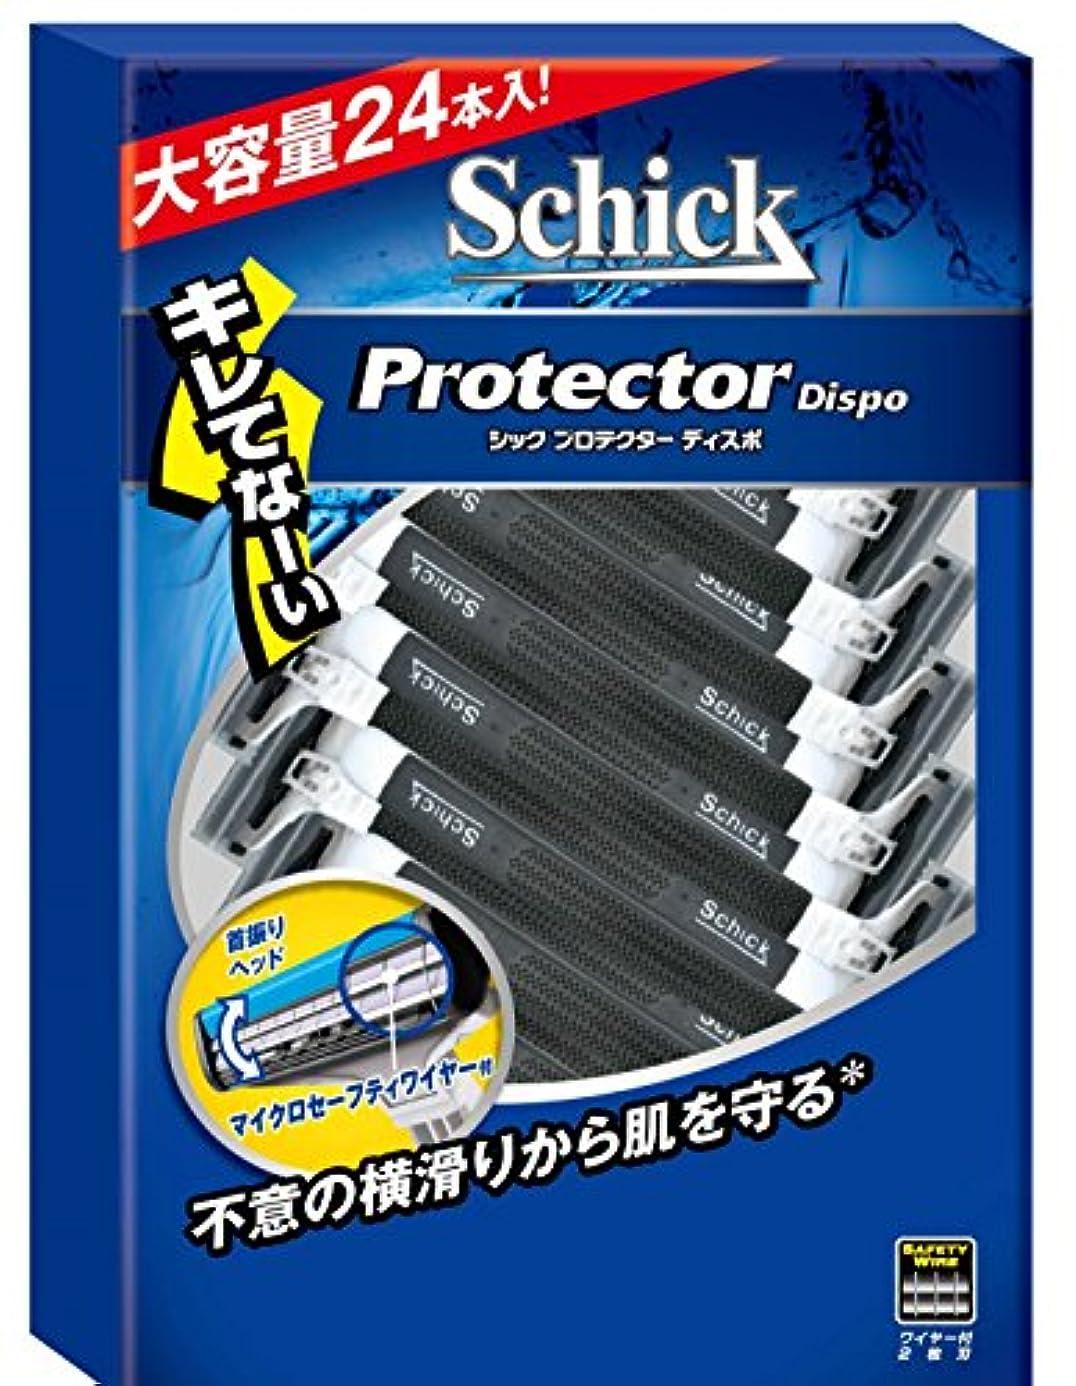 クック泥沼関与する大容量 シック schick プロテクターディスポ 使い捨て (24本入)